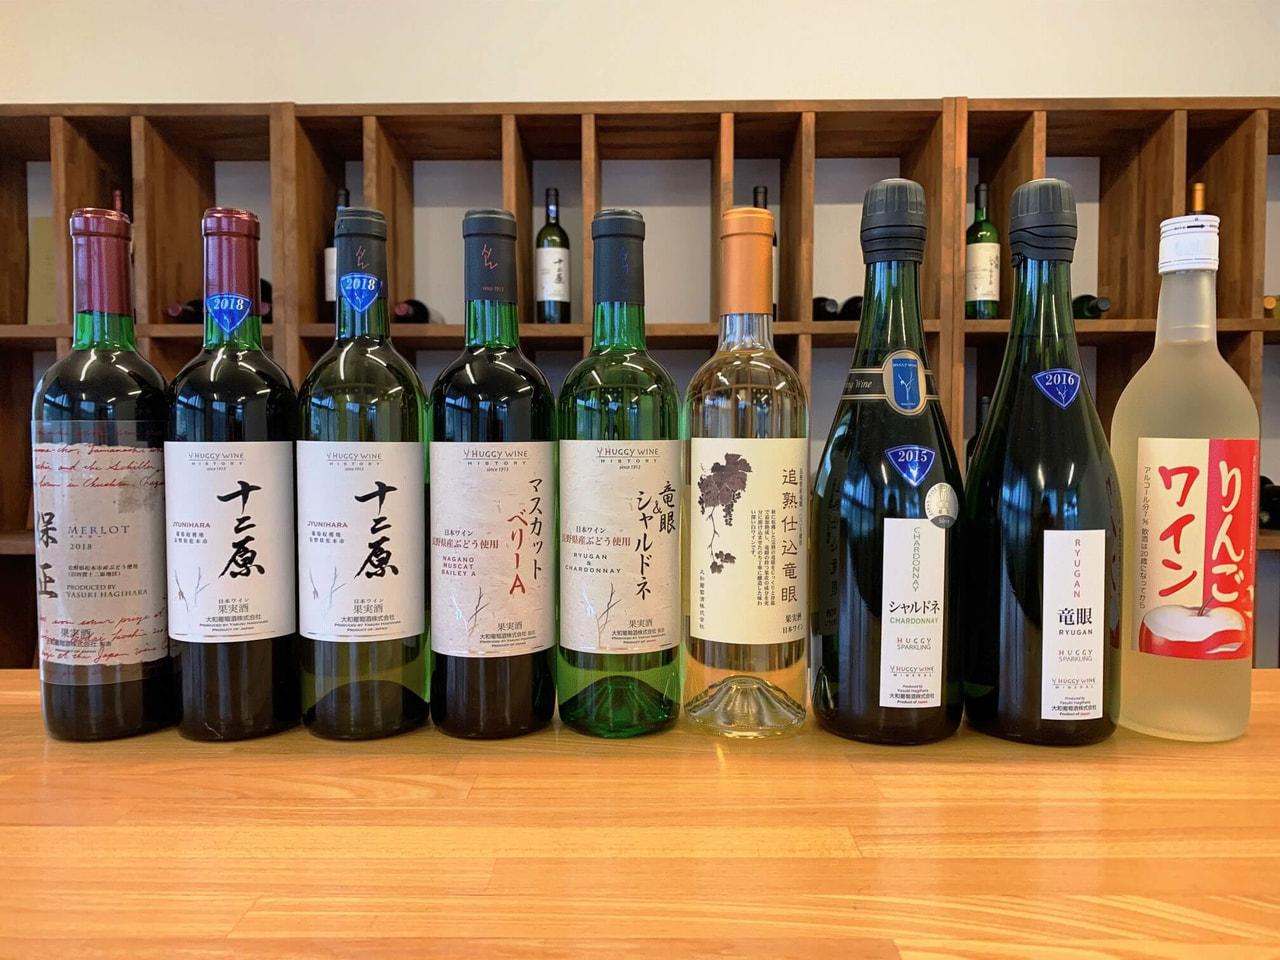 大和葡萄酒 四賀ワイナリー